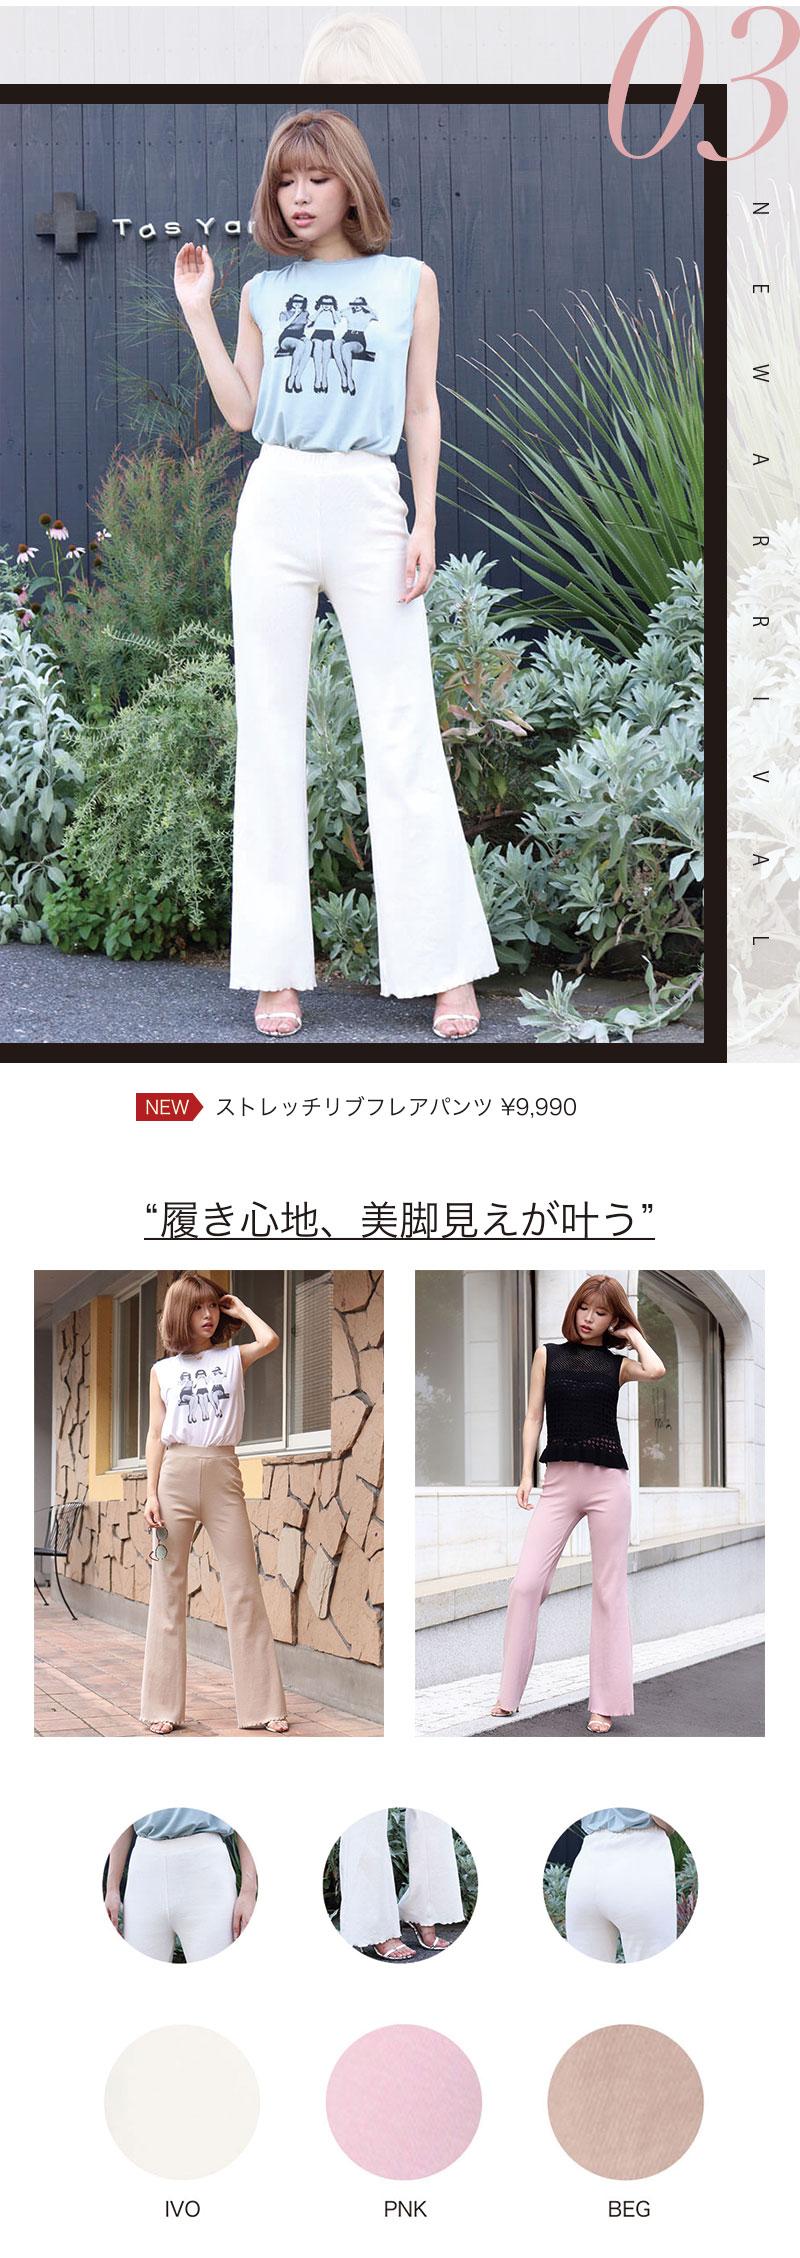 18SS 新作アイテム特集3